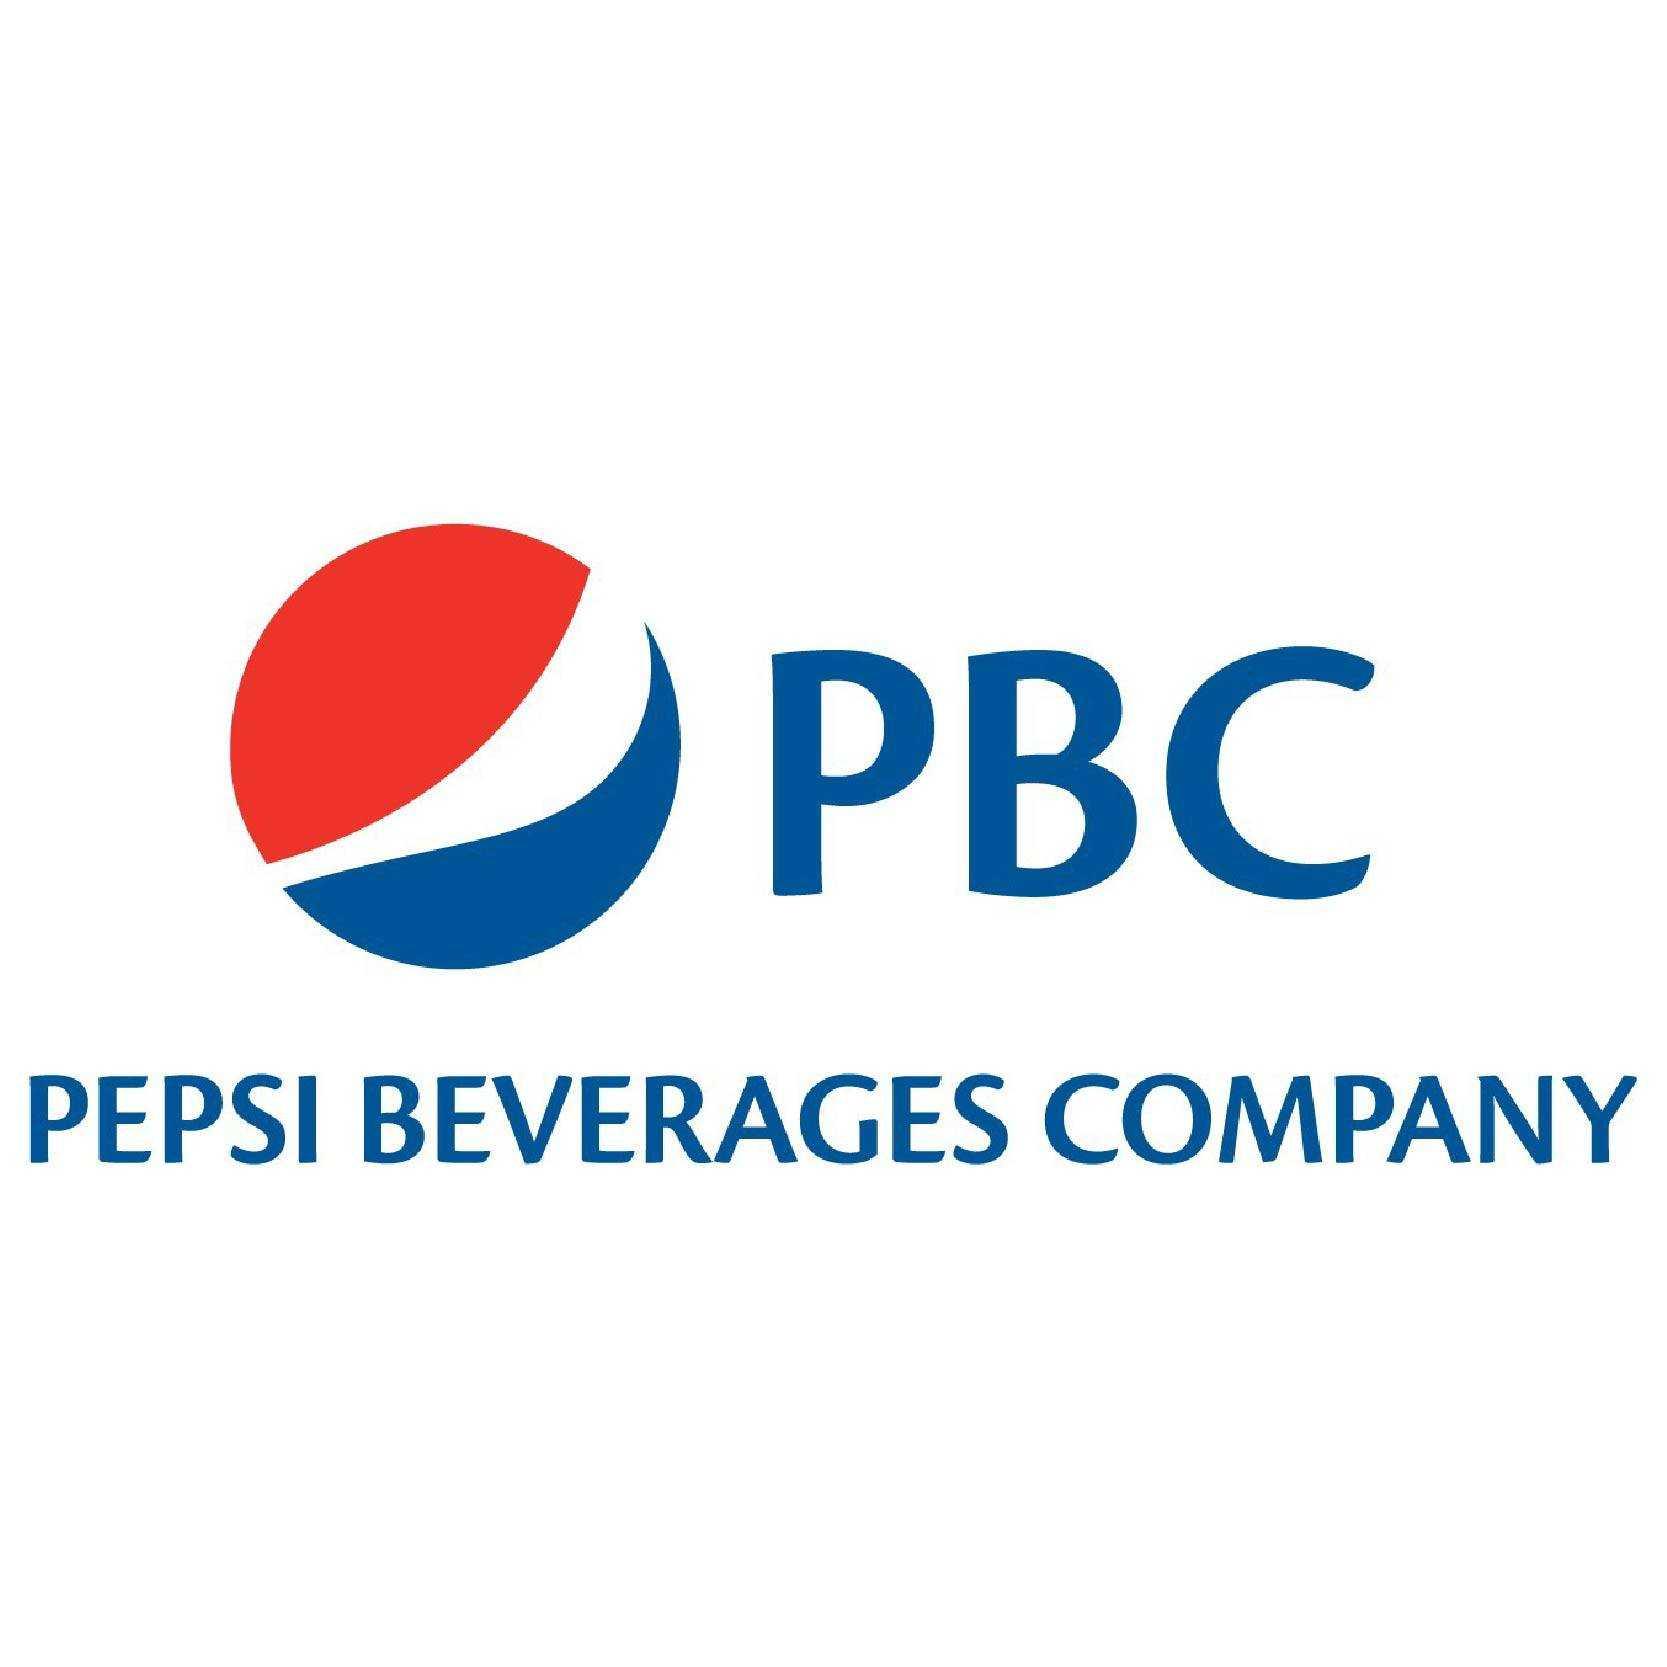 Pepsi Beverage Company